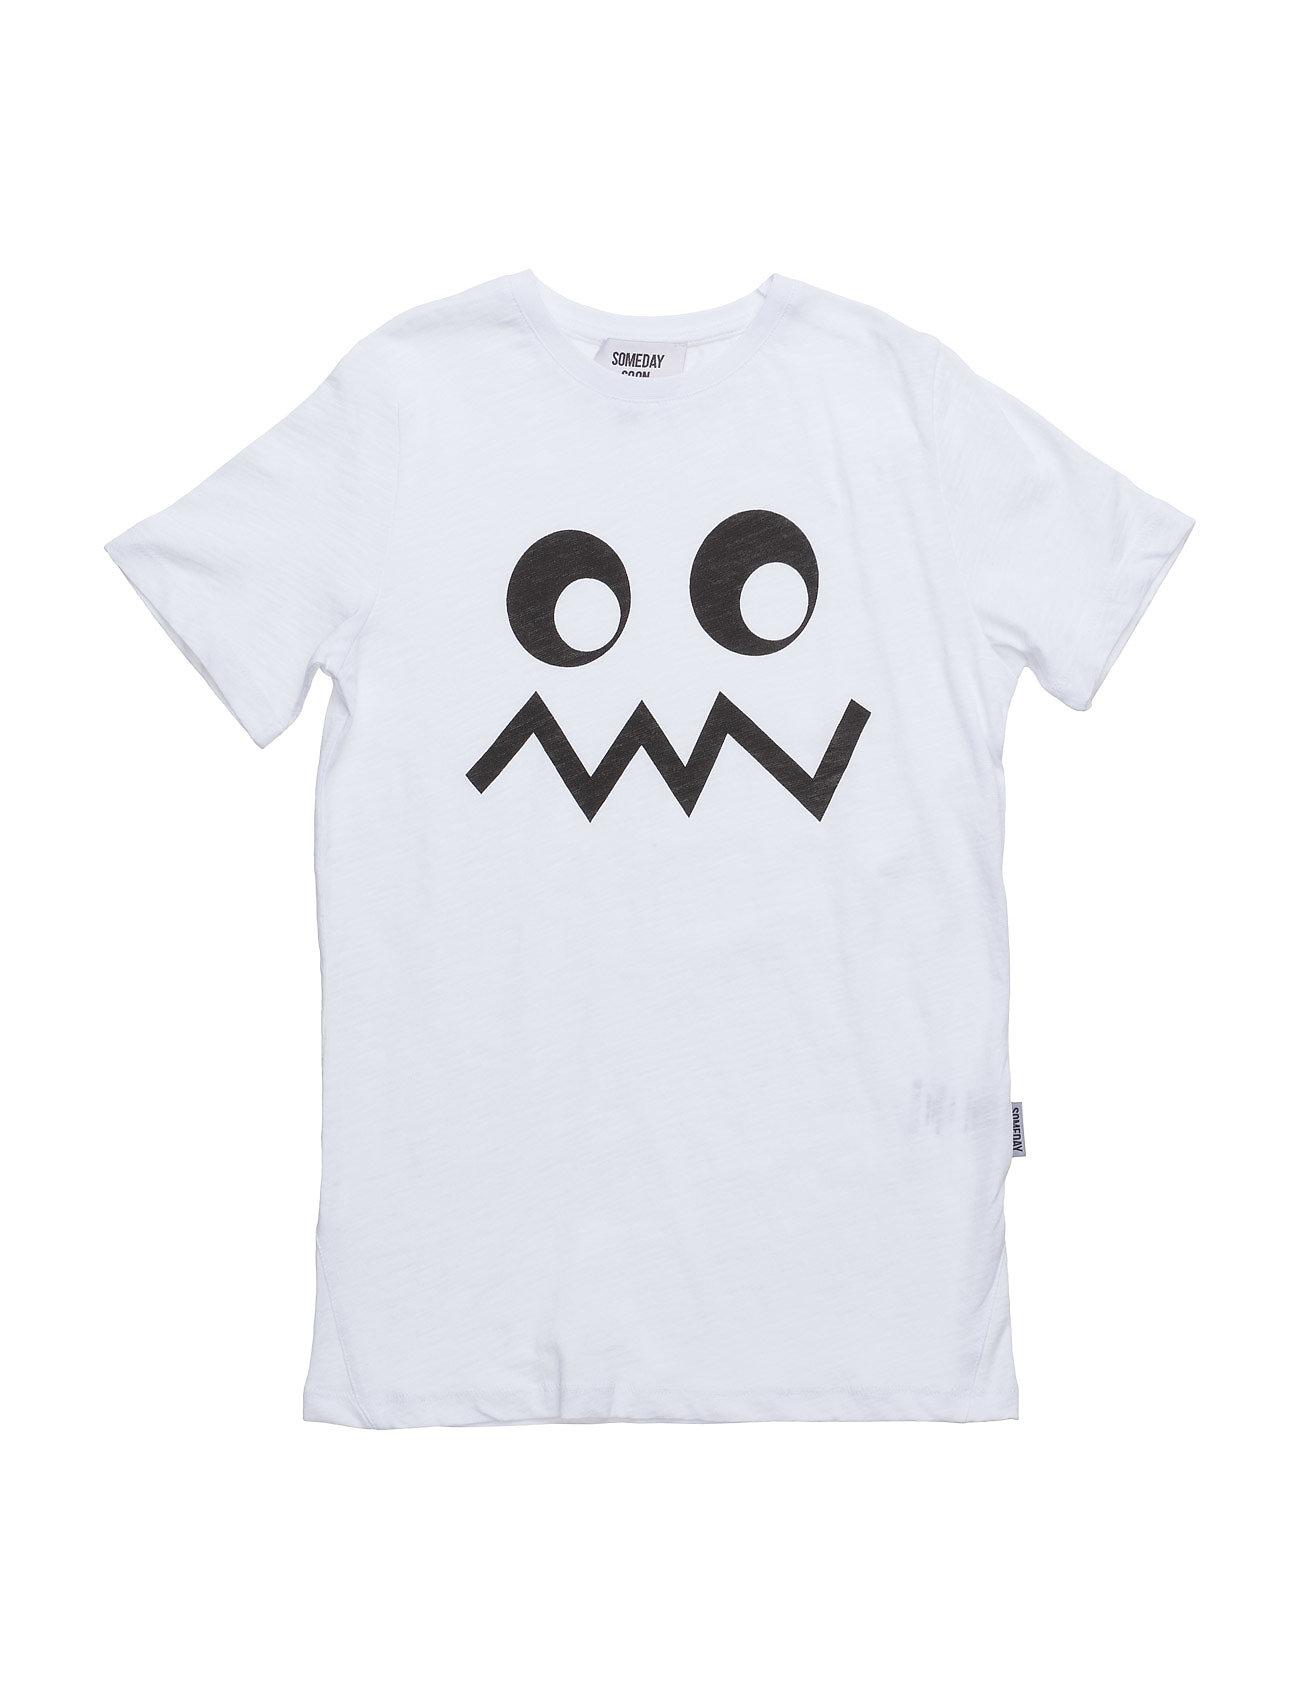 Ollie T-Shirt Someday Soon Kortærmede t-shirts til Børn i hvid